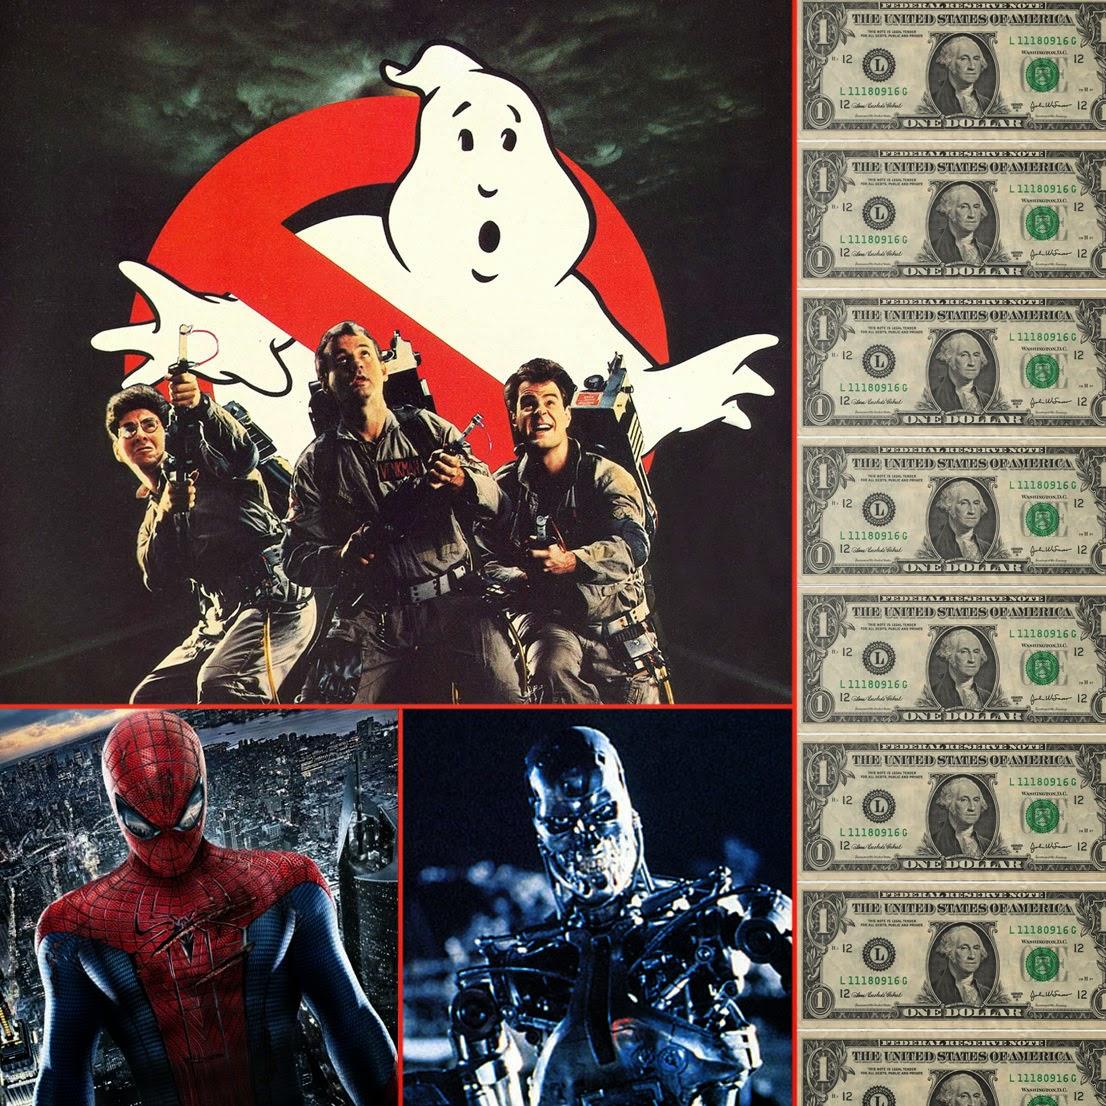 Reboot remake precuela secuela cazafantasmas ghostbusters terminator spiderman